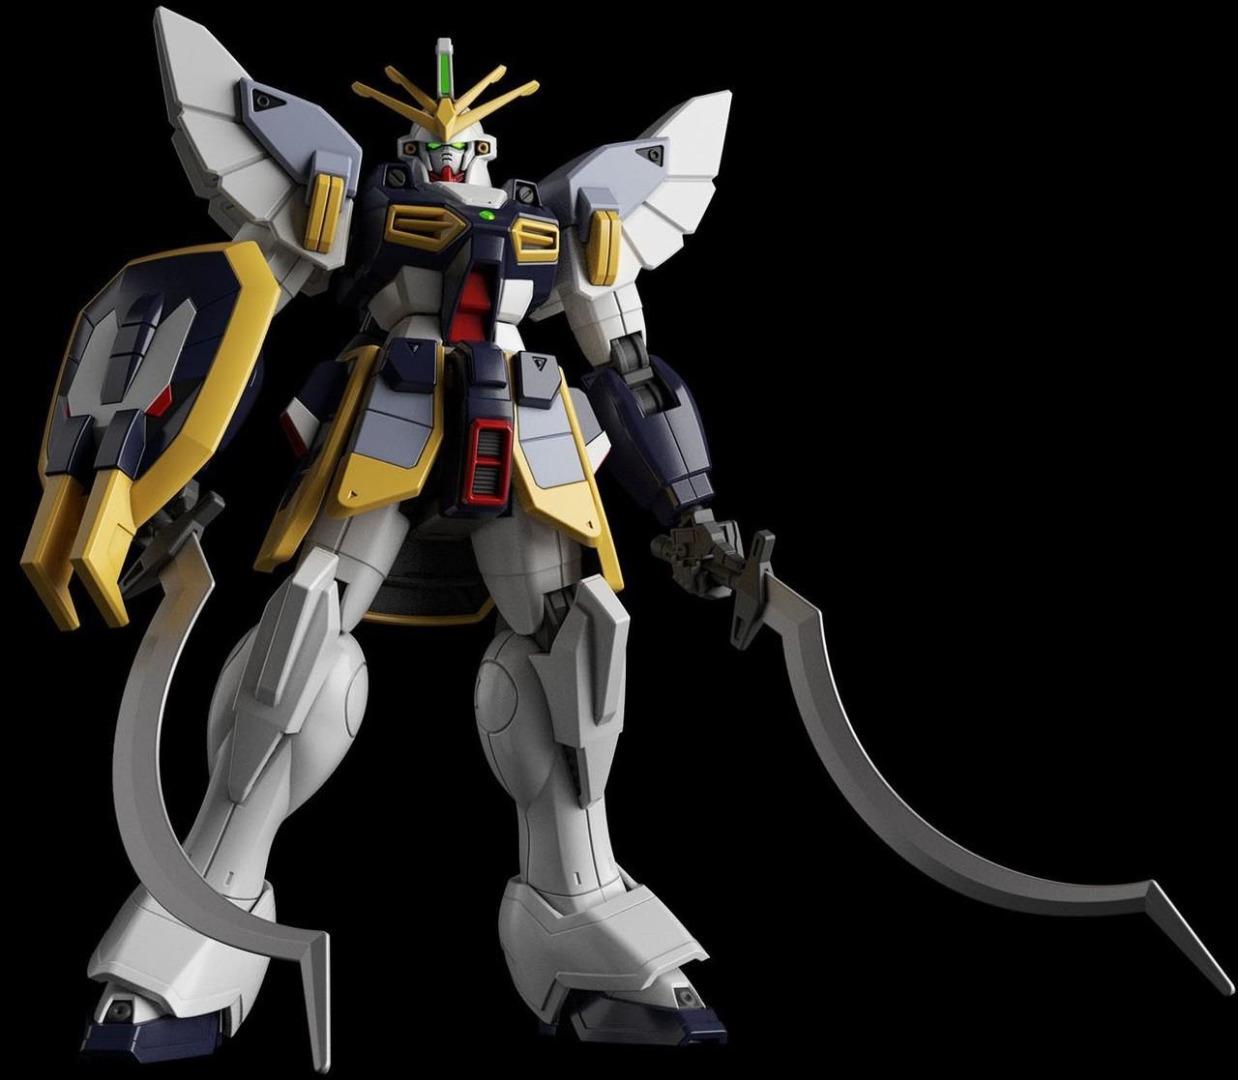 Gundam: High Grade - Gundam Sandrock 1:144 Model Kit